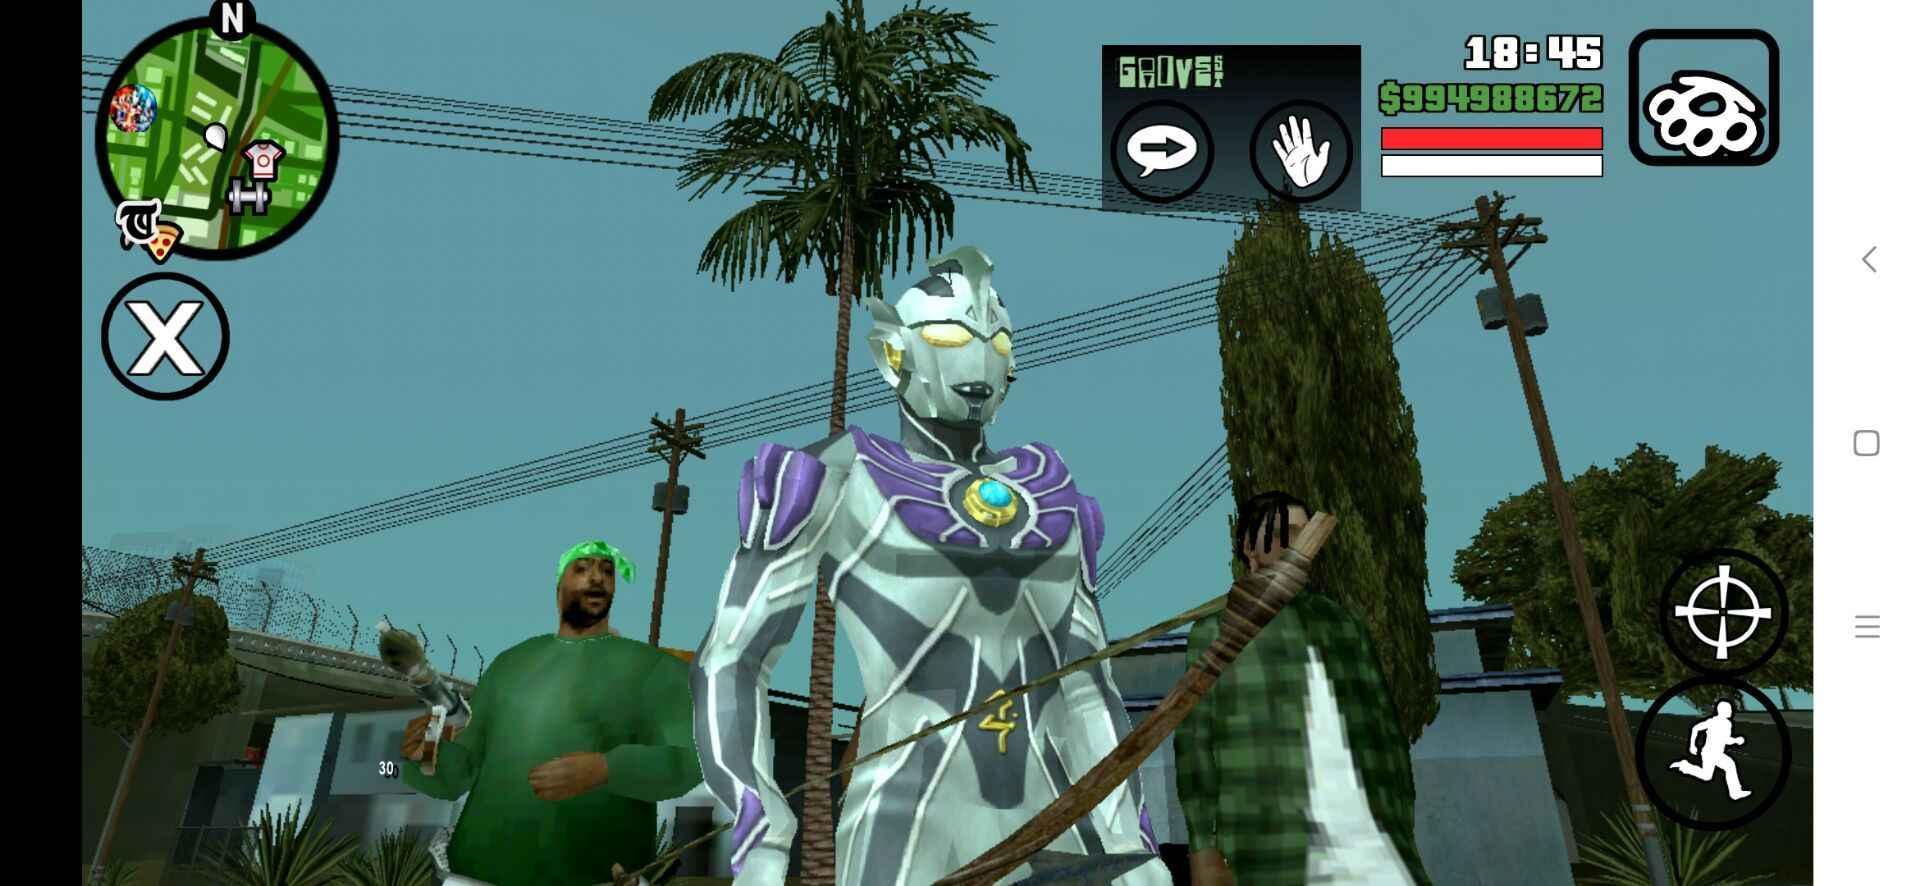 gtasa钢铁侠mod安卓版截图5